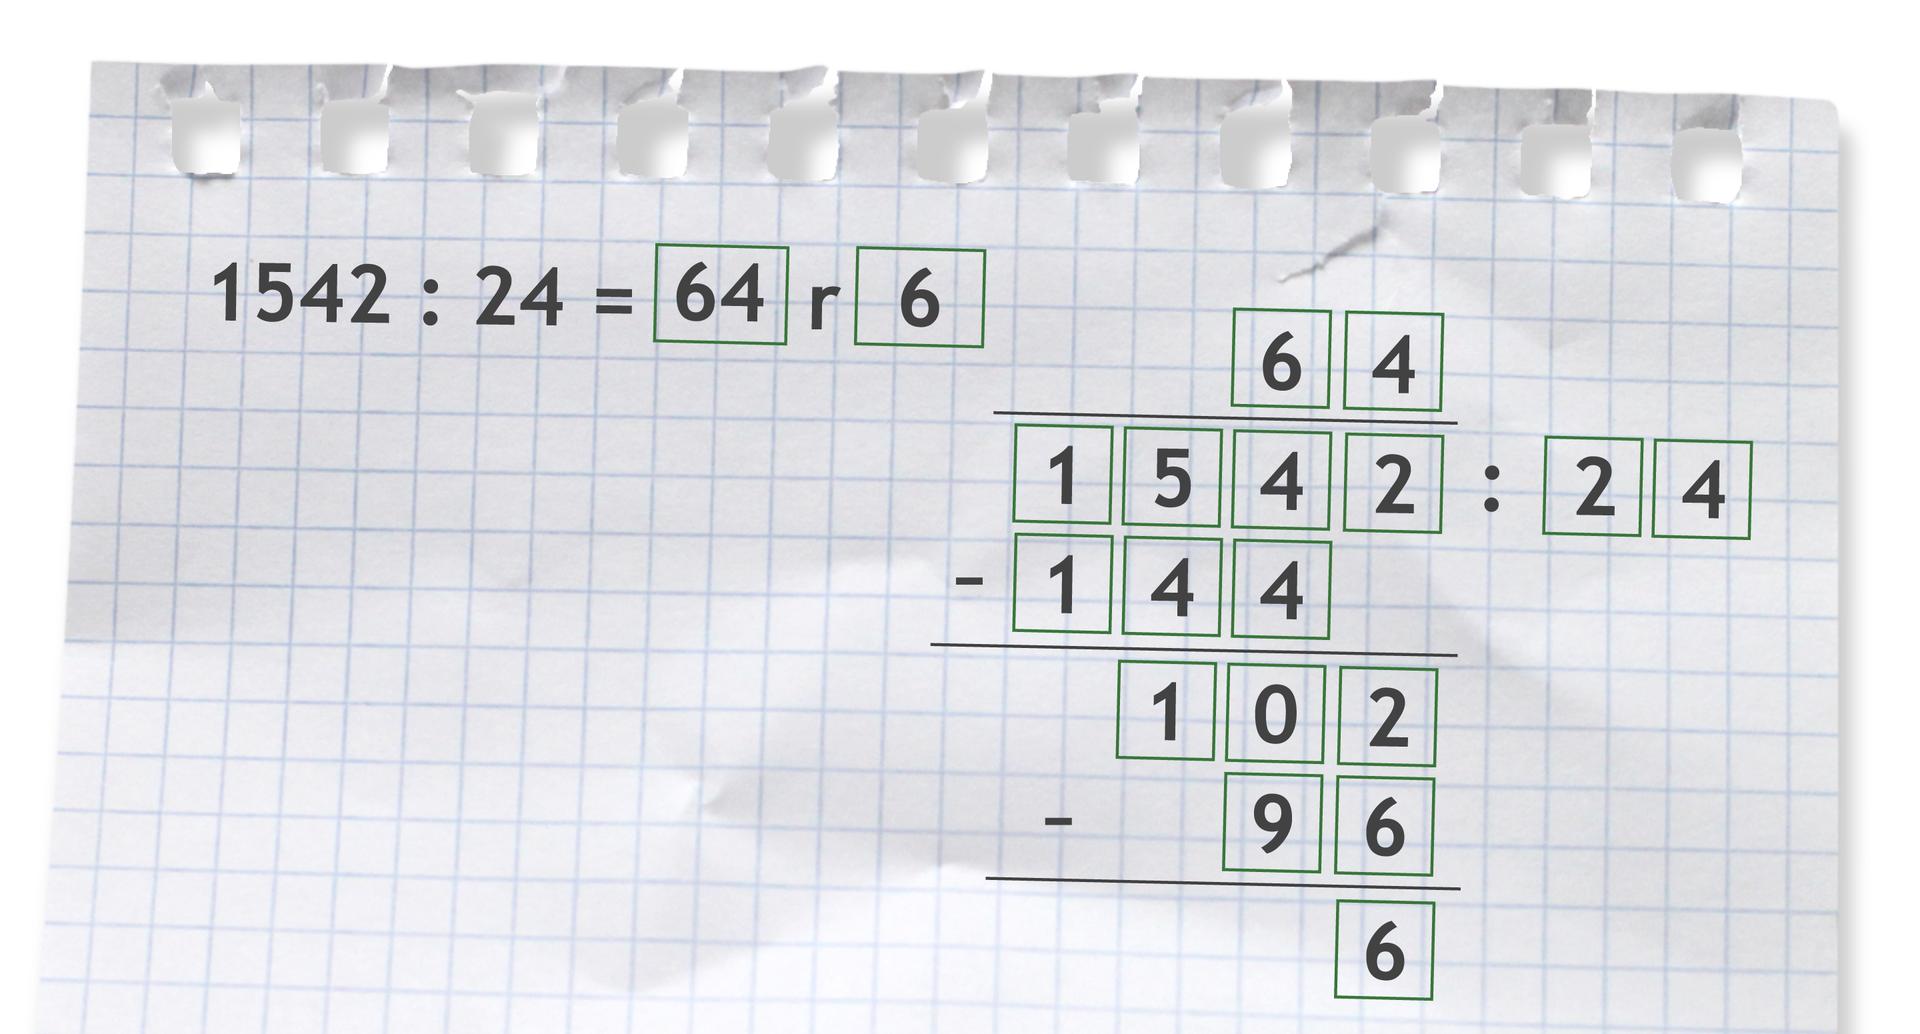 Przykład: 1542 dzielone przez 24 =64 r6. Rozwiązanie zadania podpunkt a.